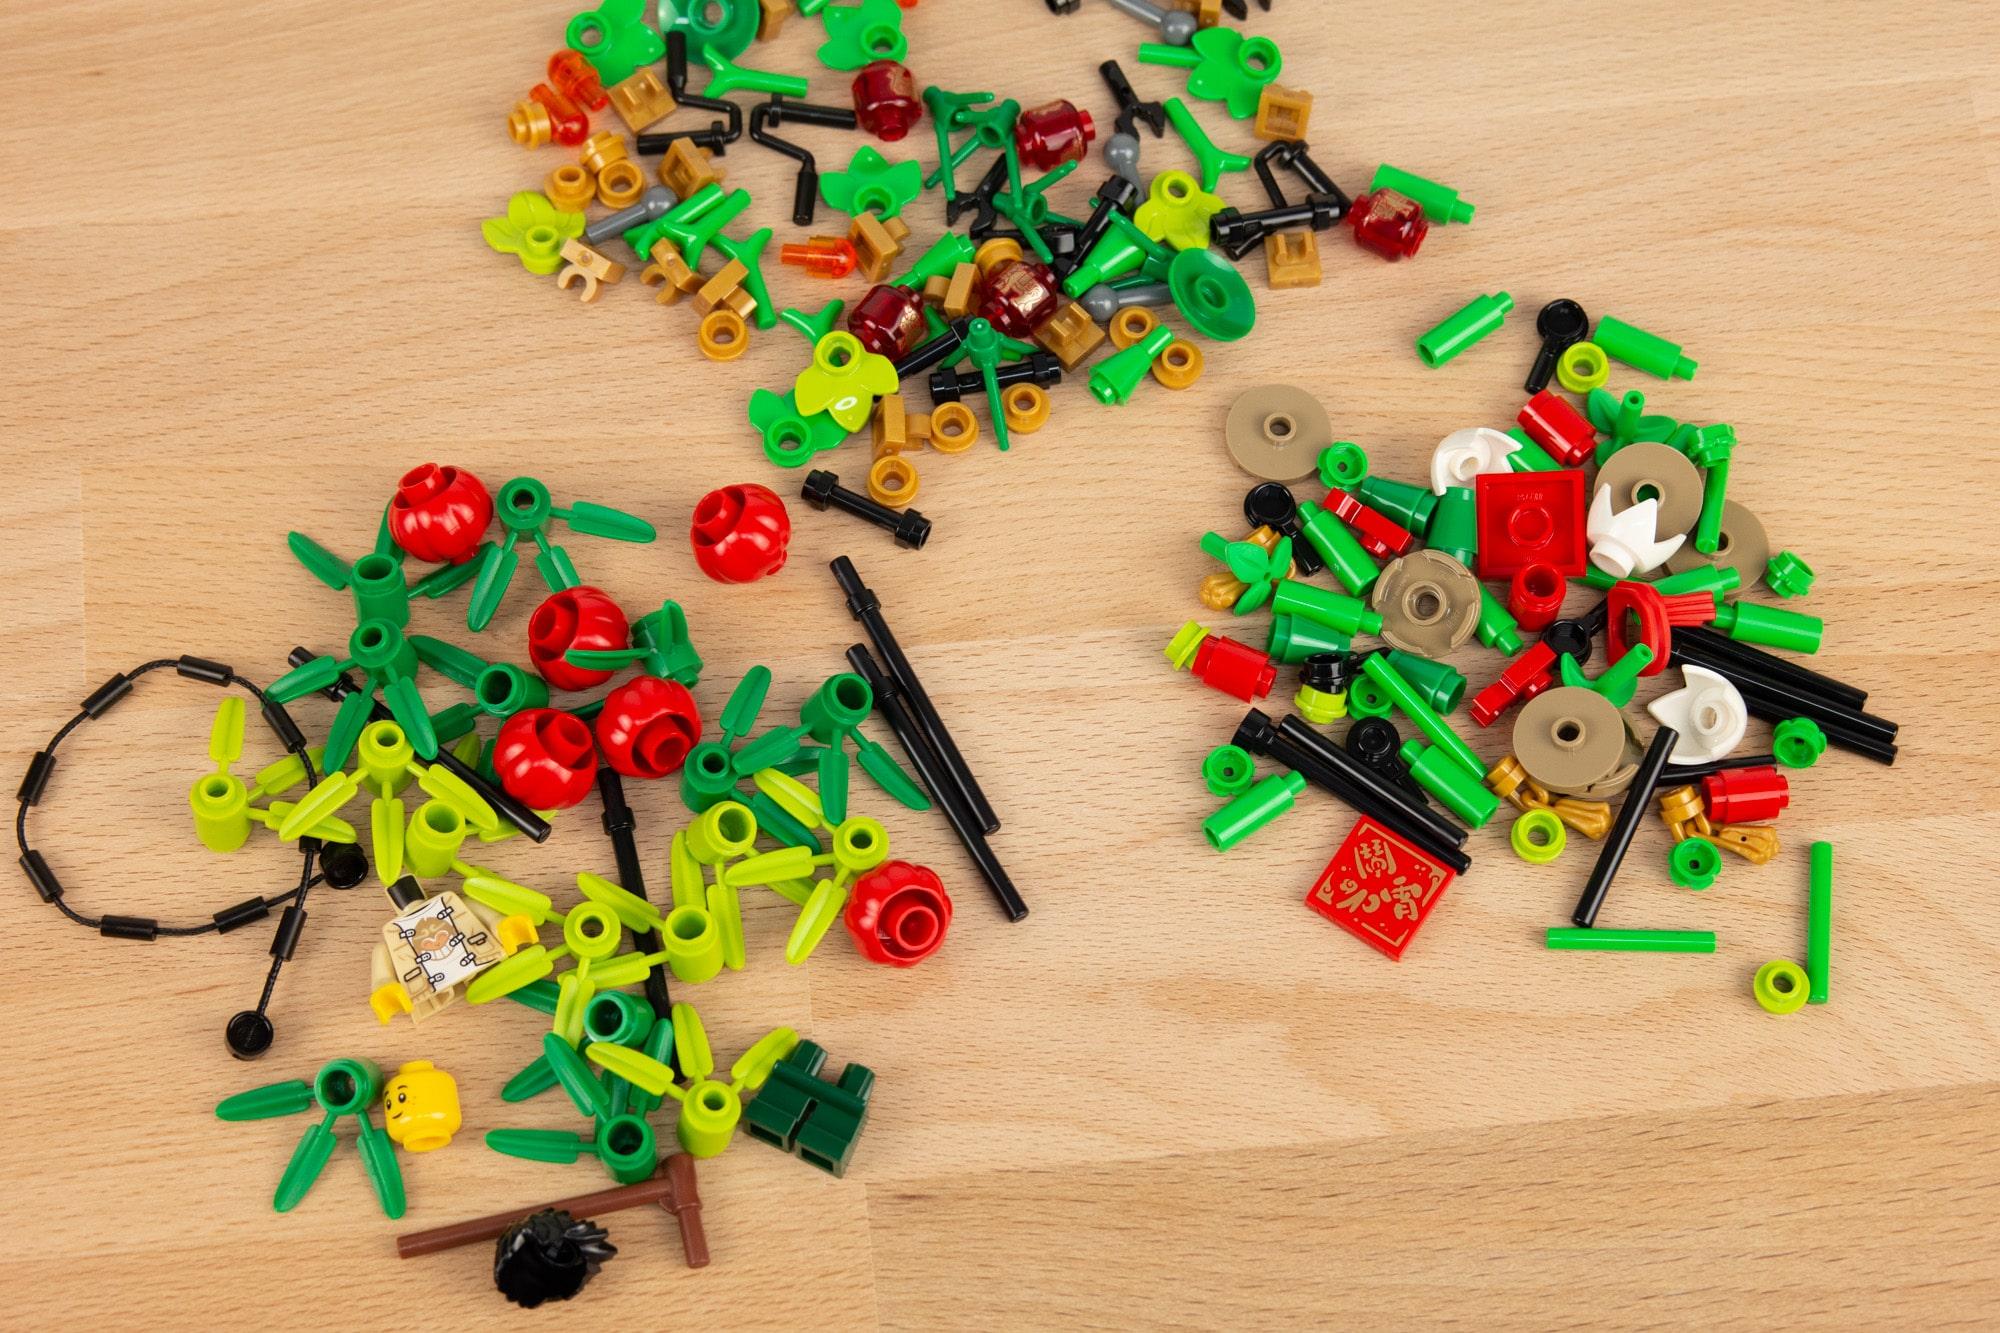 LEGO 80107 Fruehlingslaternenfest Chinesisches Neujahr 32